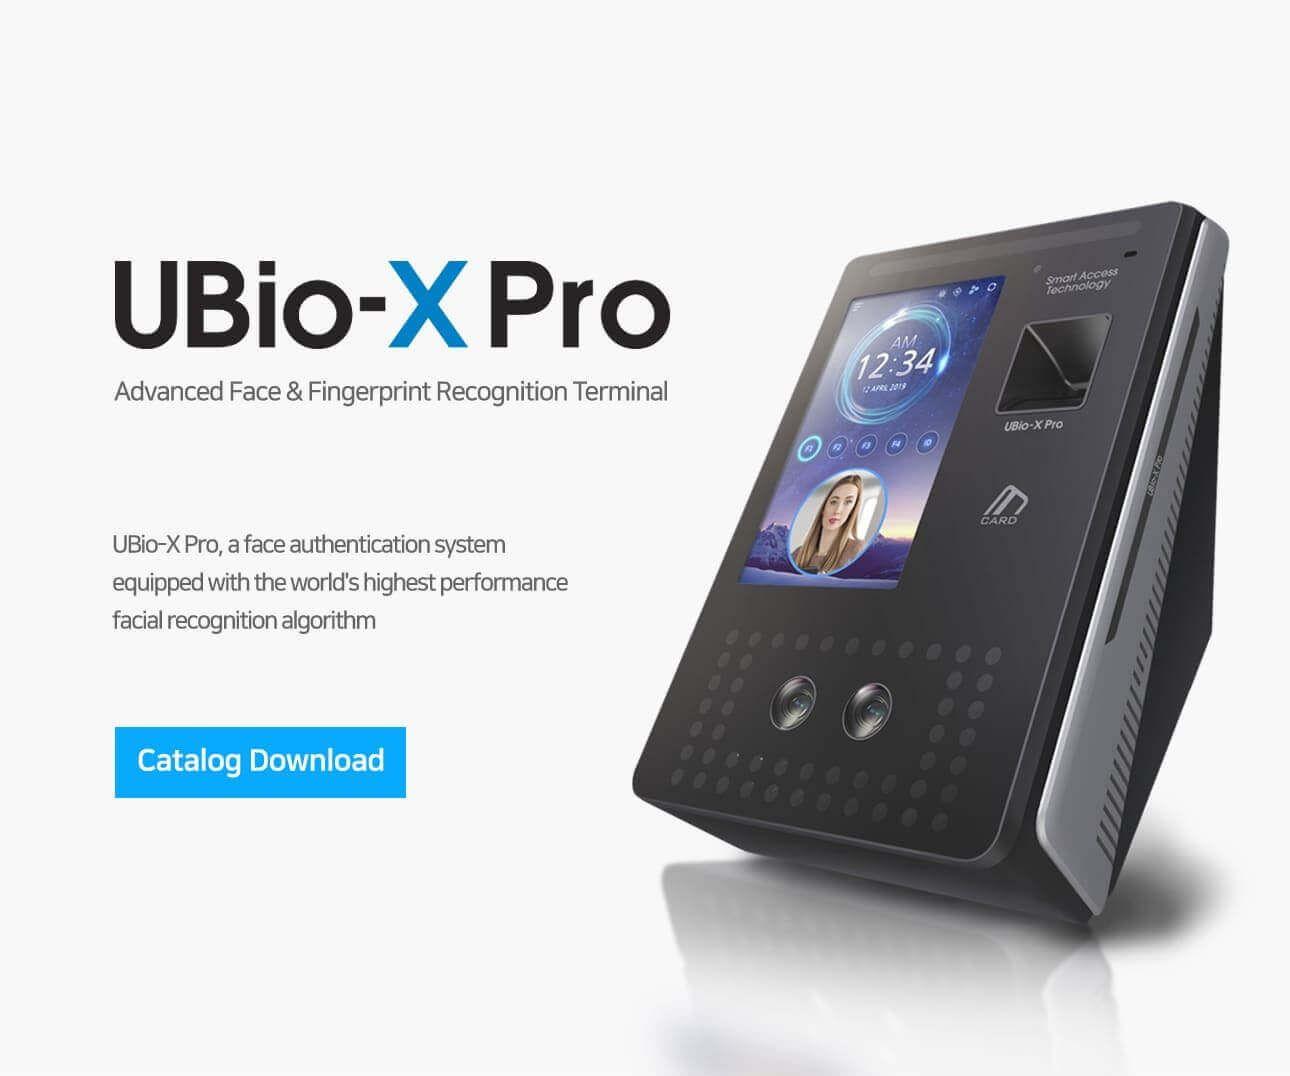 Thiết bị kiểm soát vào ra bằng vân tay và khuôn mặt VIRDI UBio-X Pro